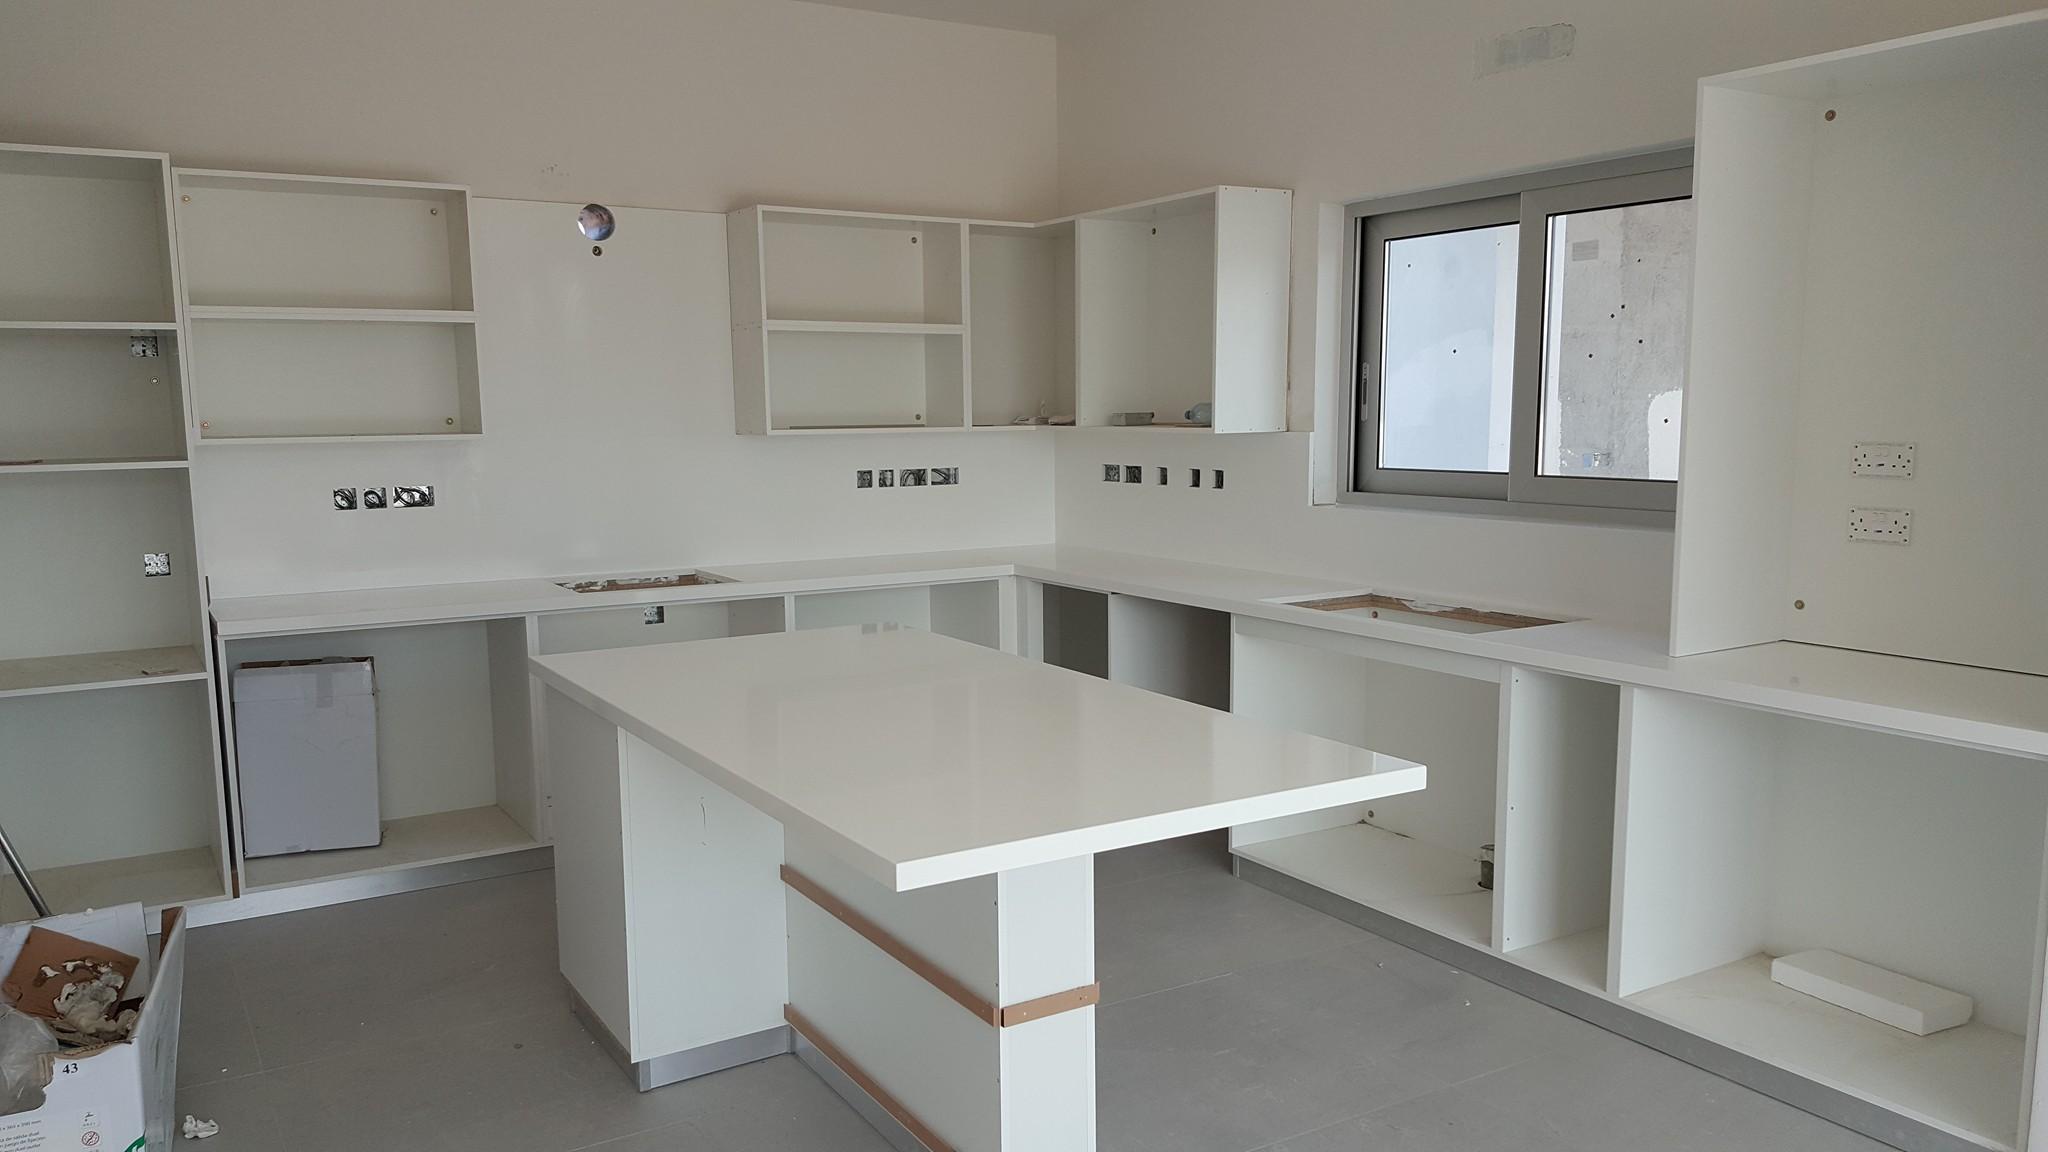 StavArt Kitchen 16.jpg